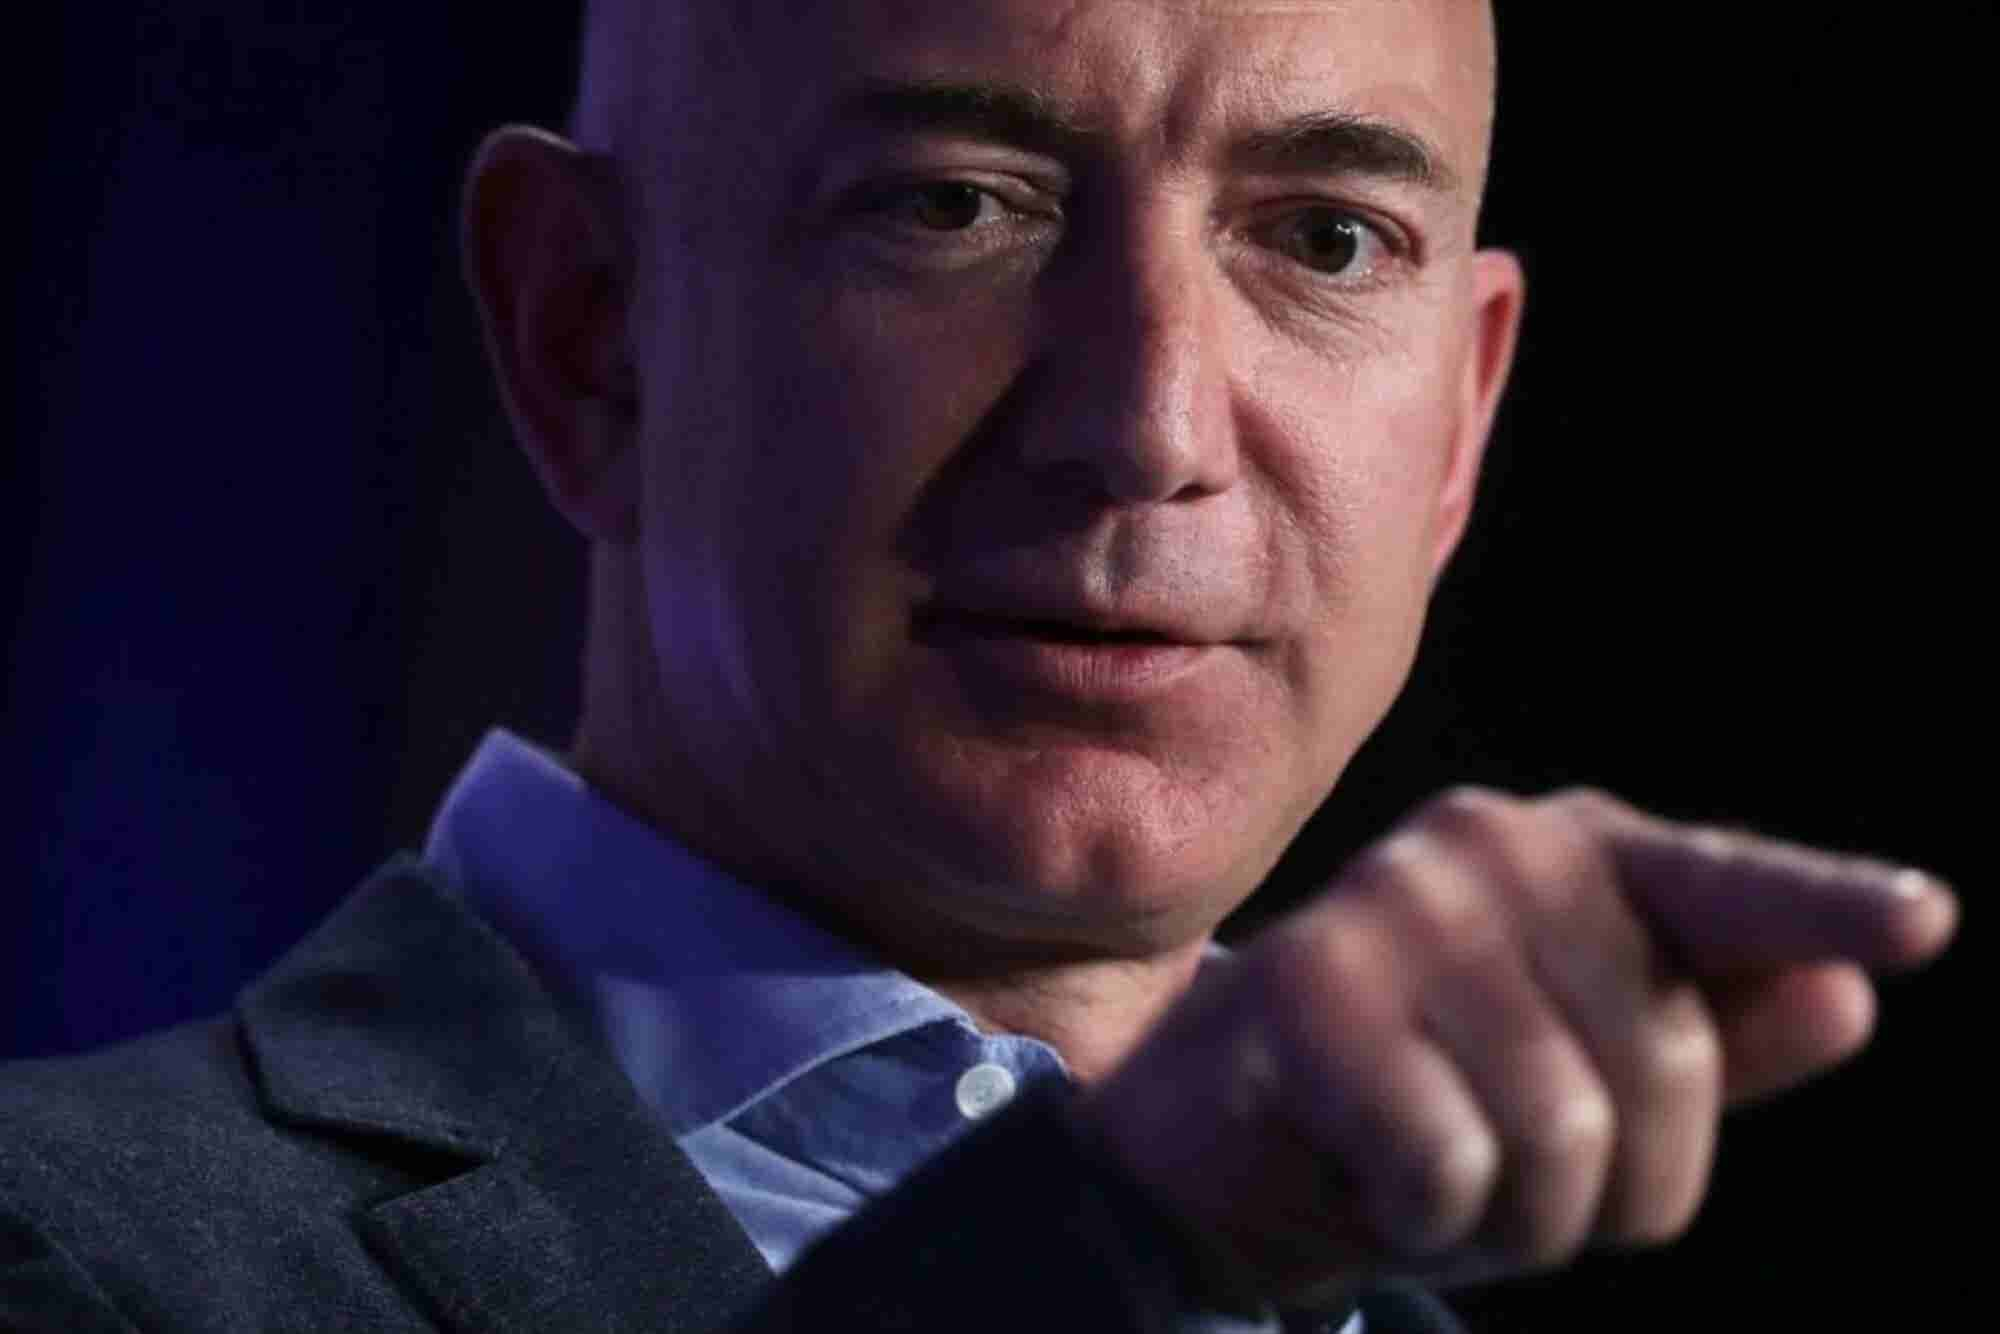 Las 5 claves que han hecho a Jeff Bezos el millonario del momento